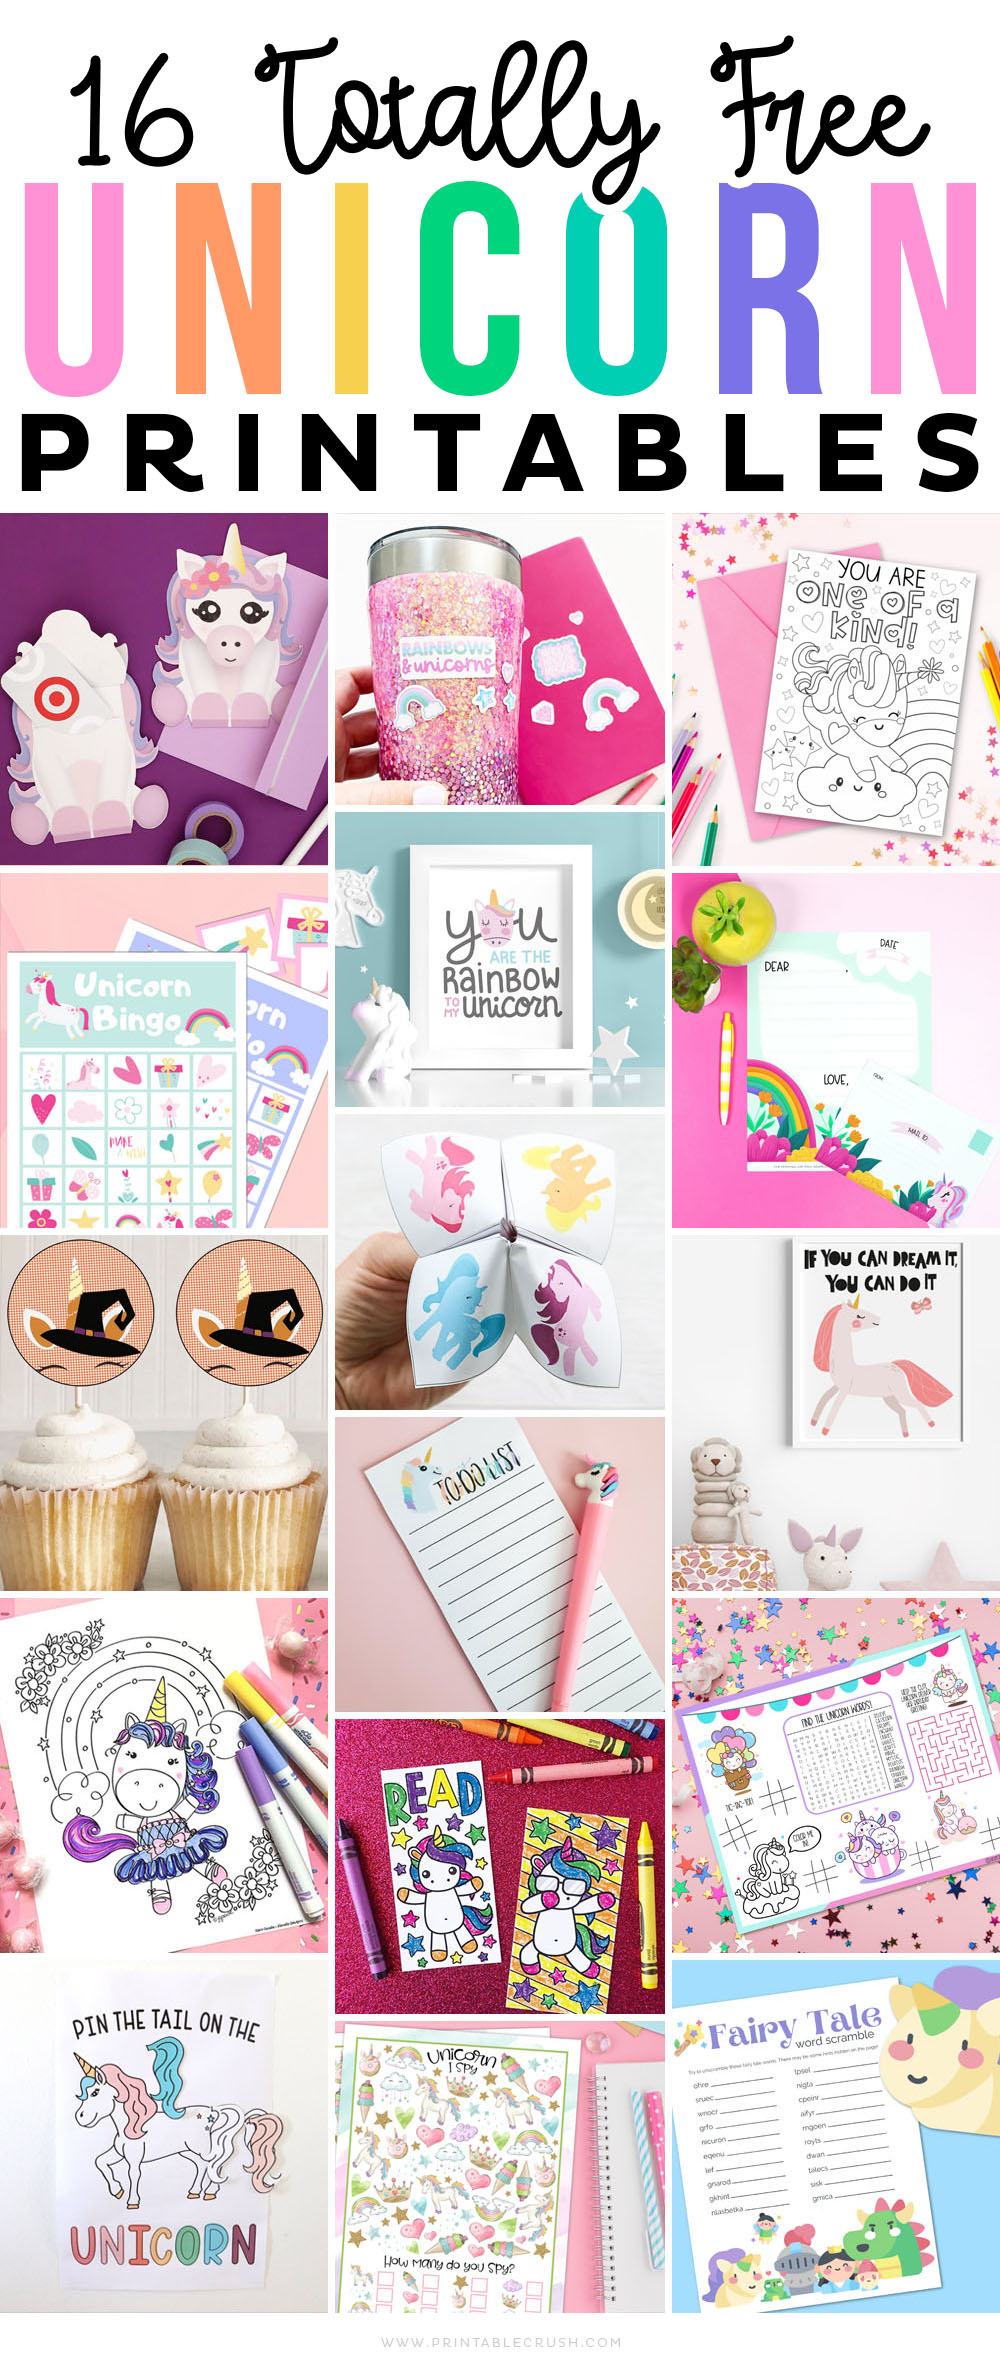 16 Totally FREE Unicorn Printables